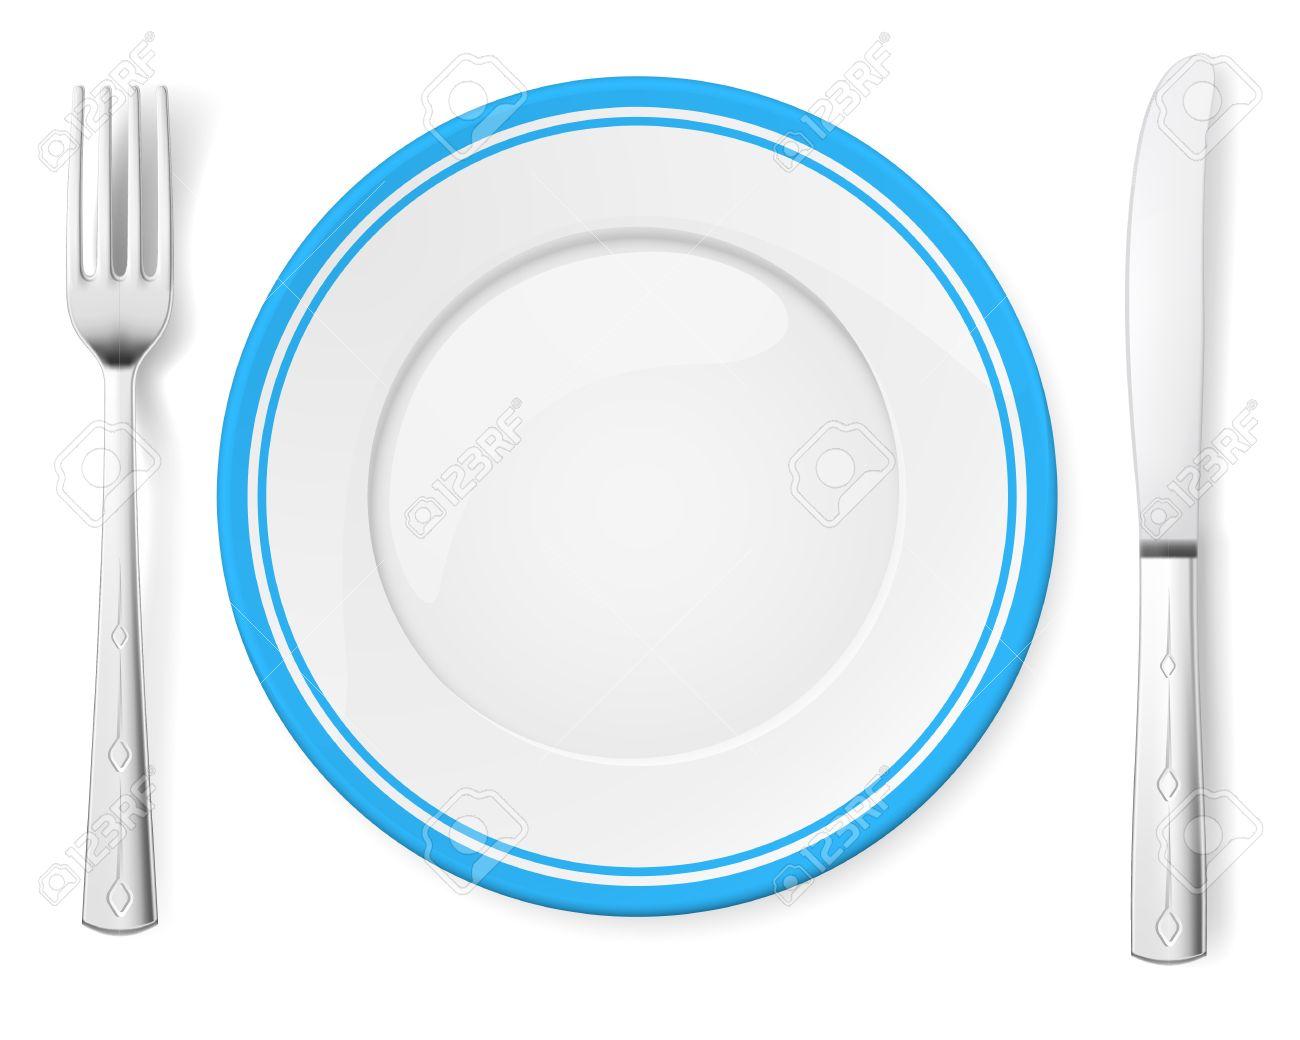 Dinner plate, knife and fork. Illustration on white background Stock Vector - 15406199